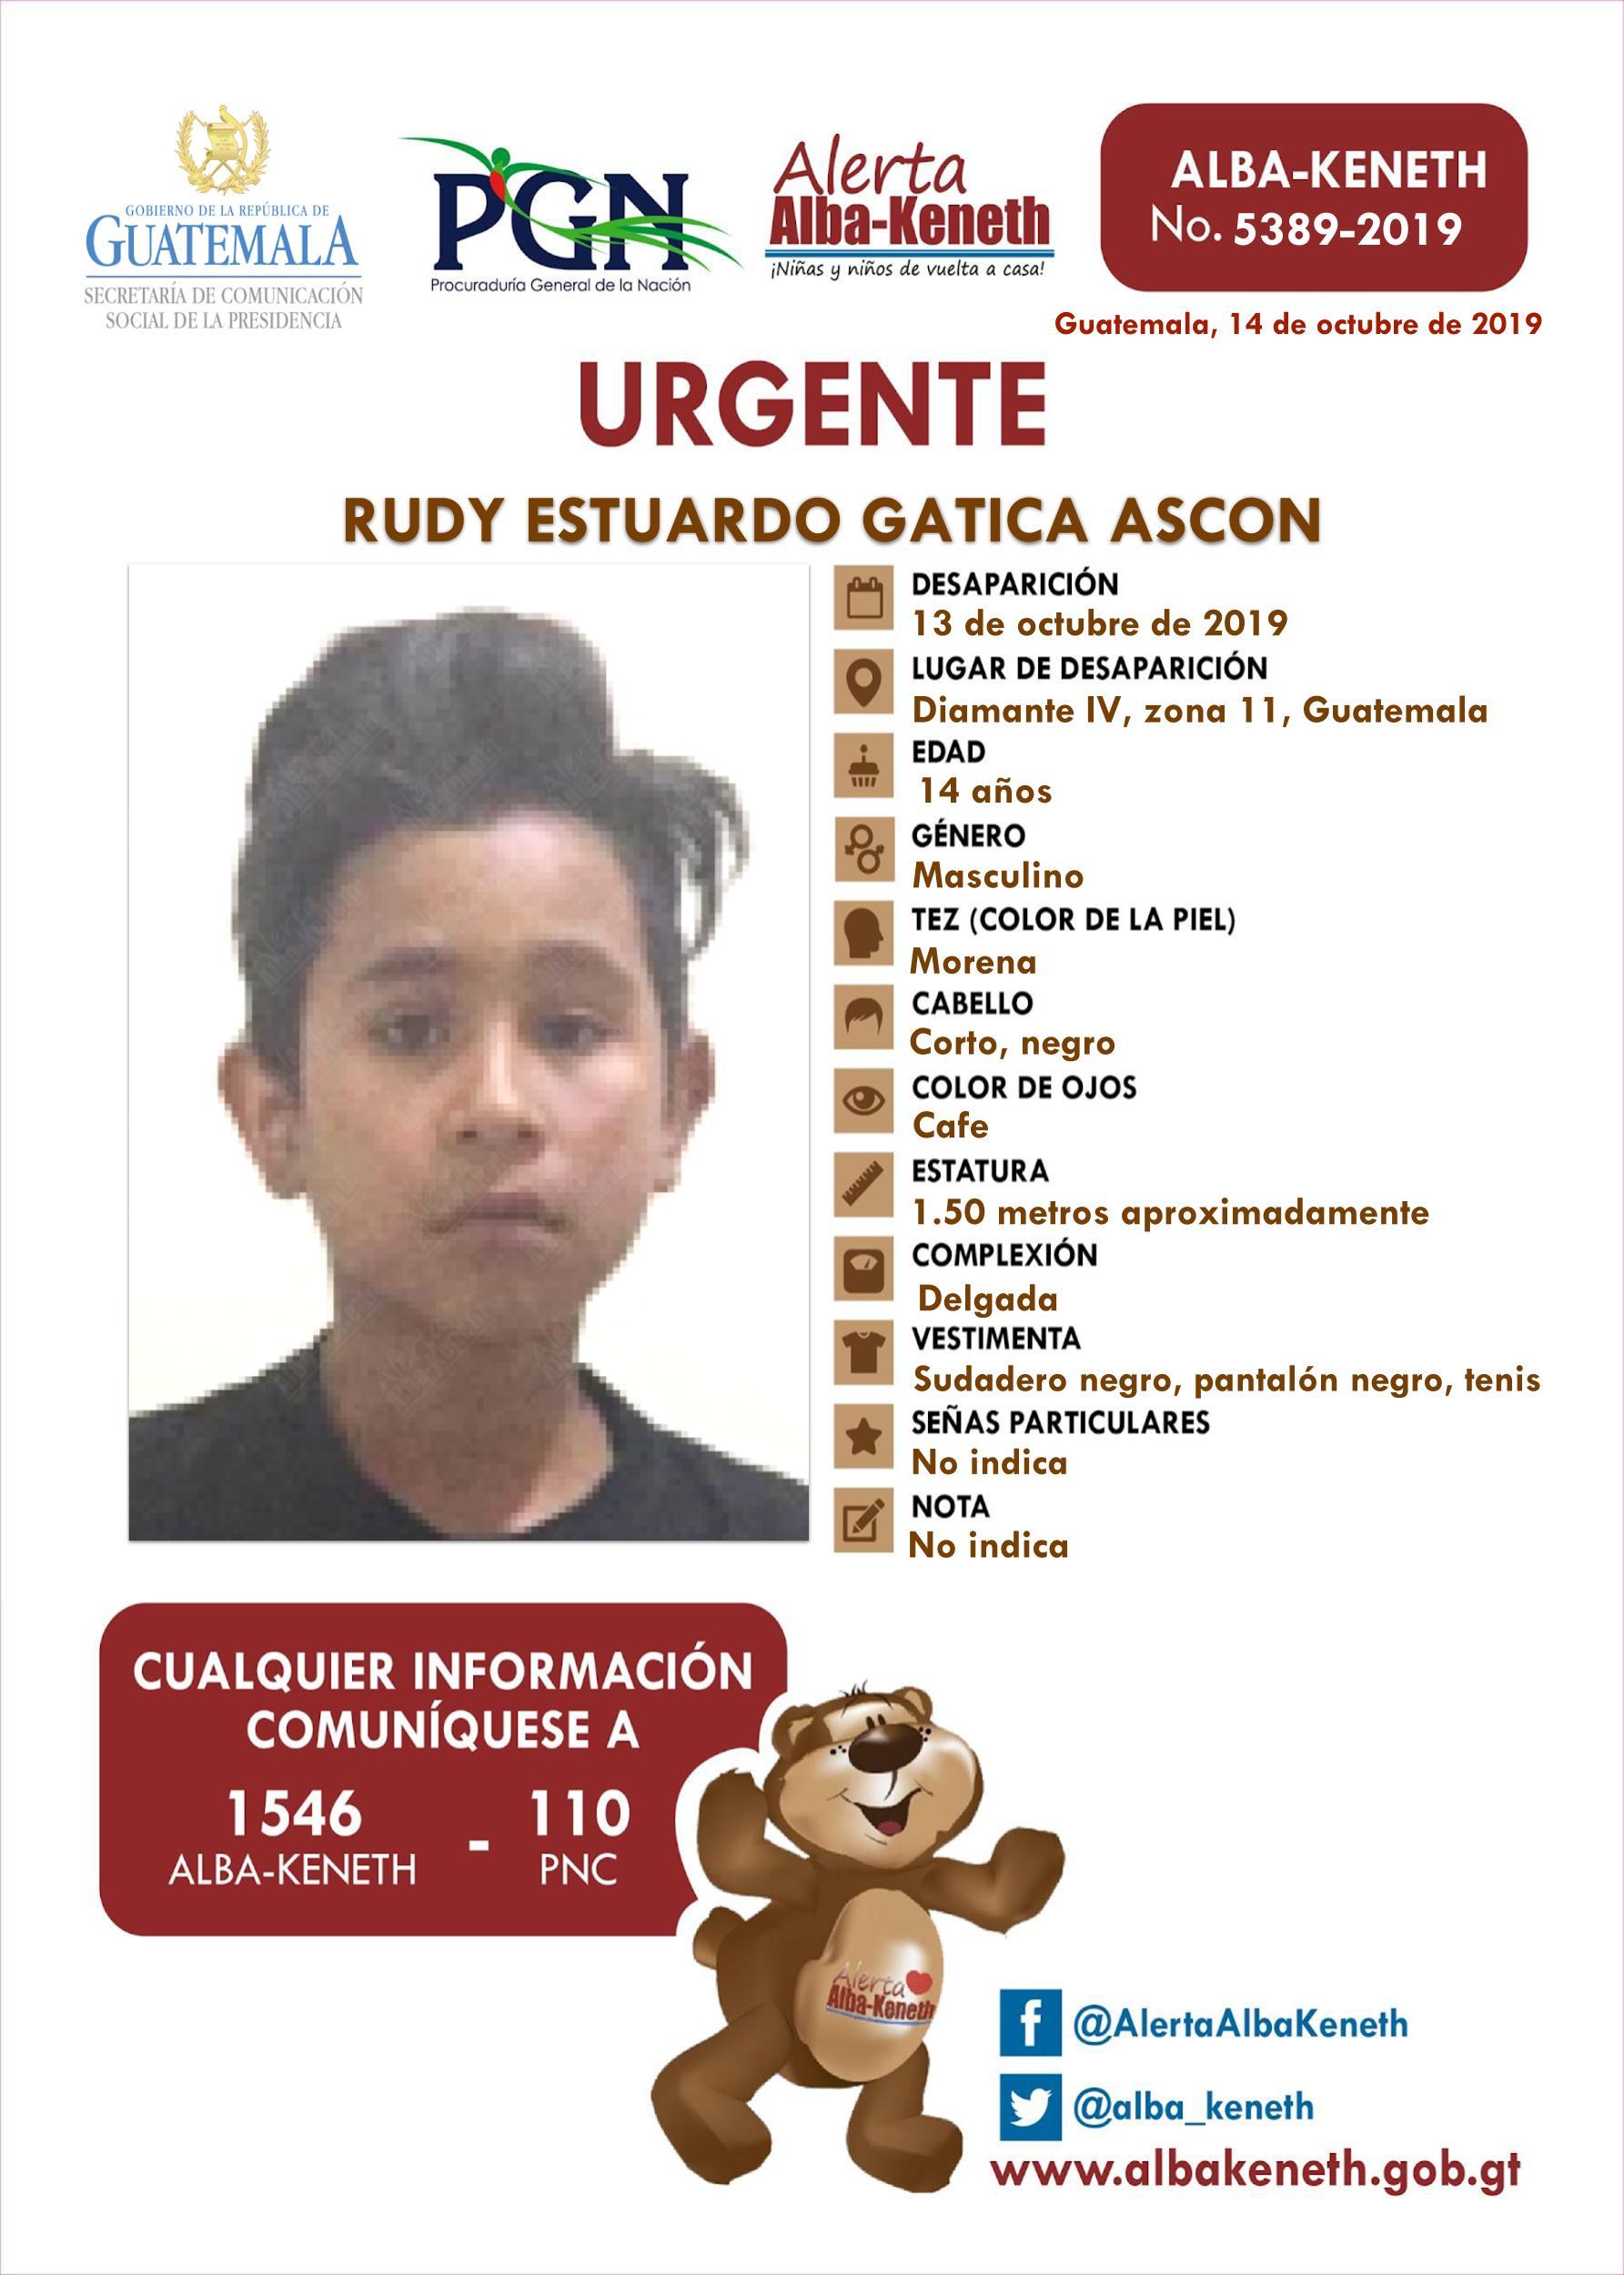 Rudy Estuardo Gatica Ascon